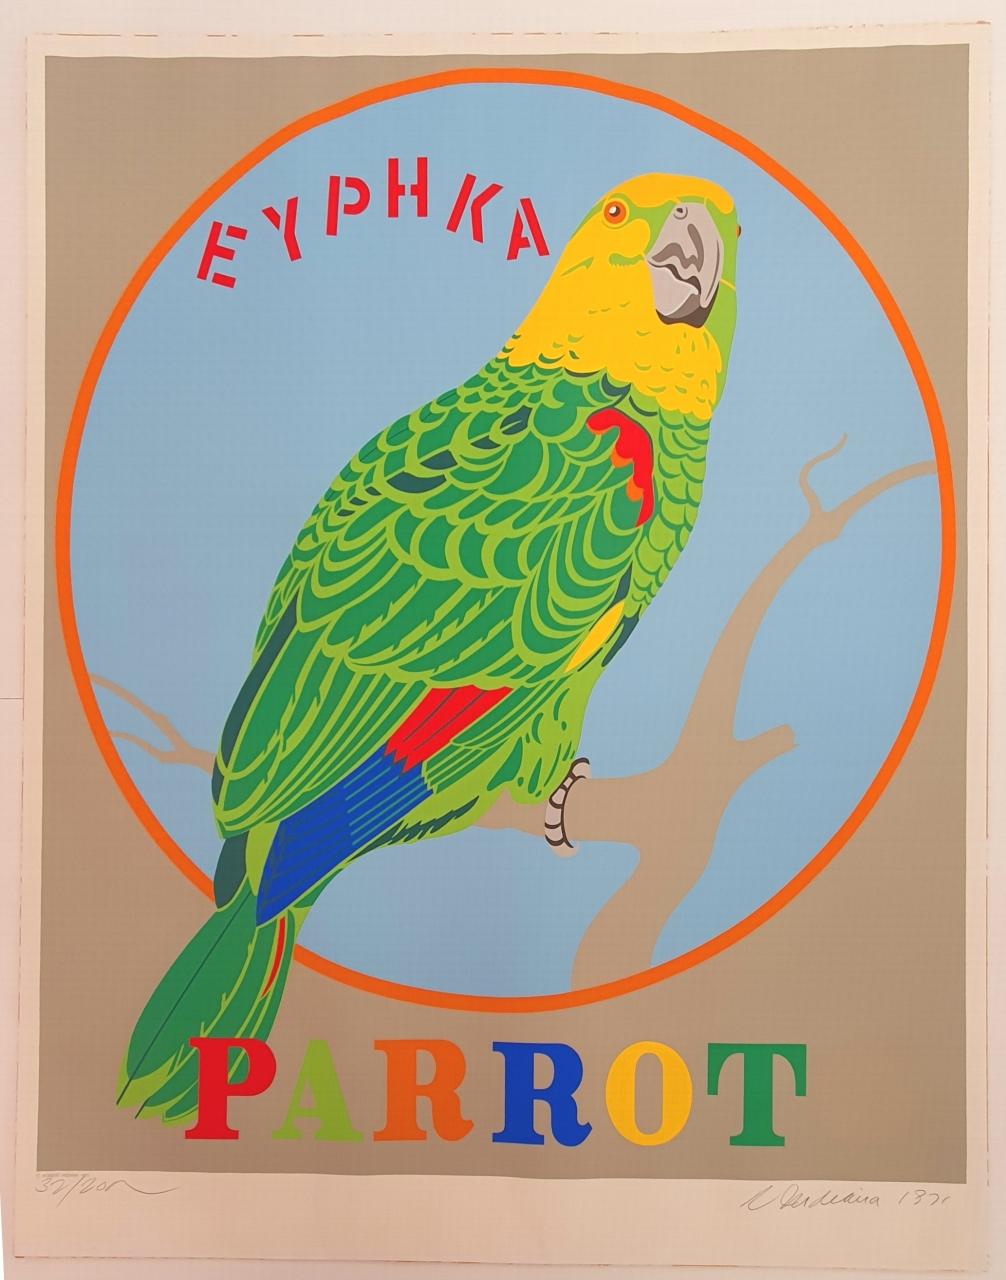 Parrot Eyphka (Eureka)